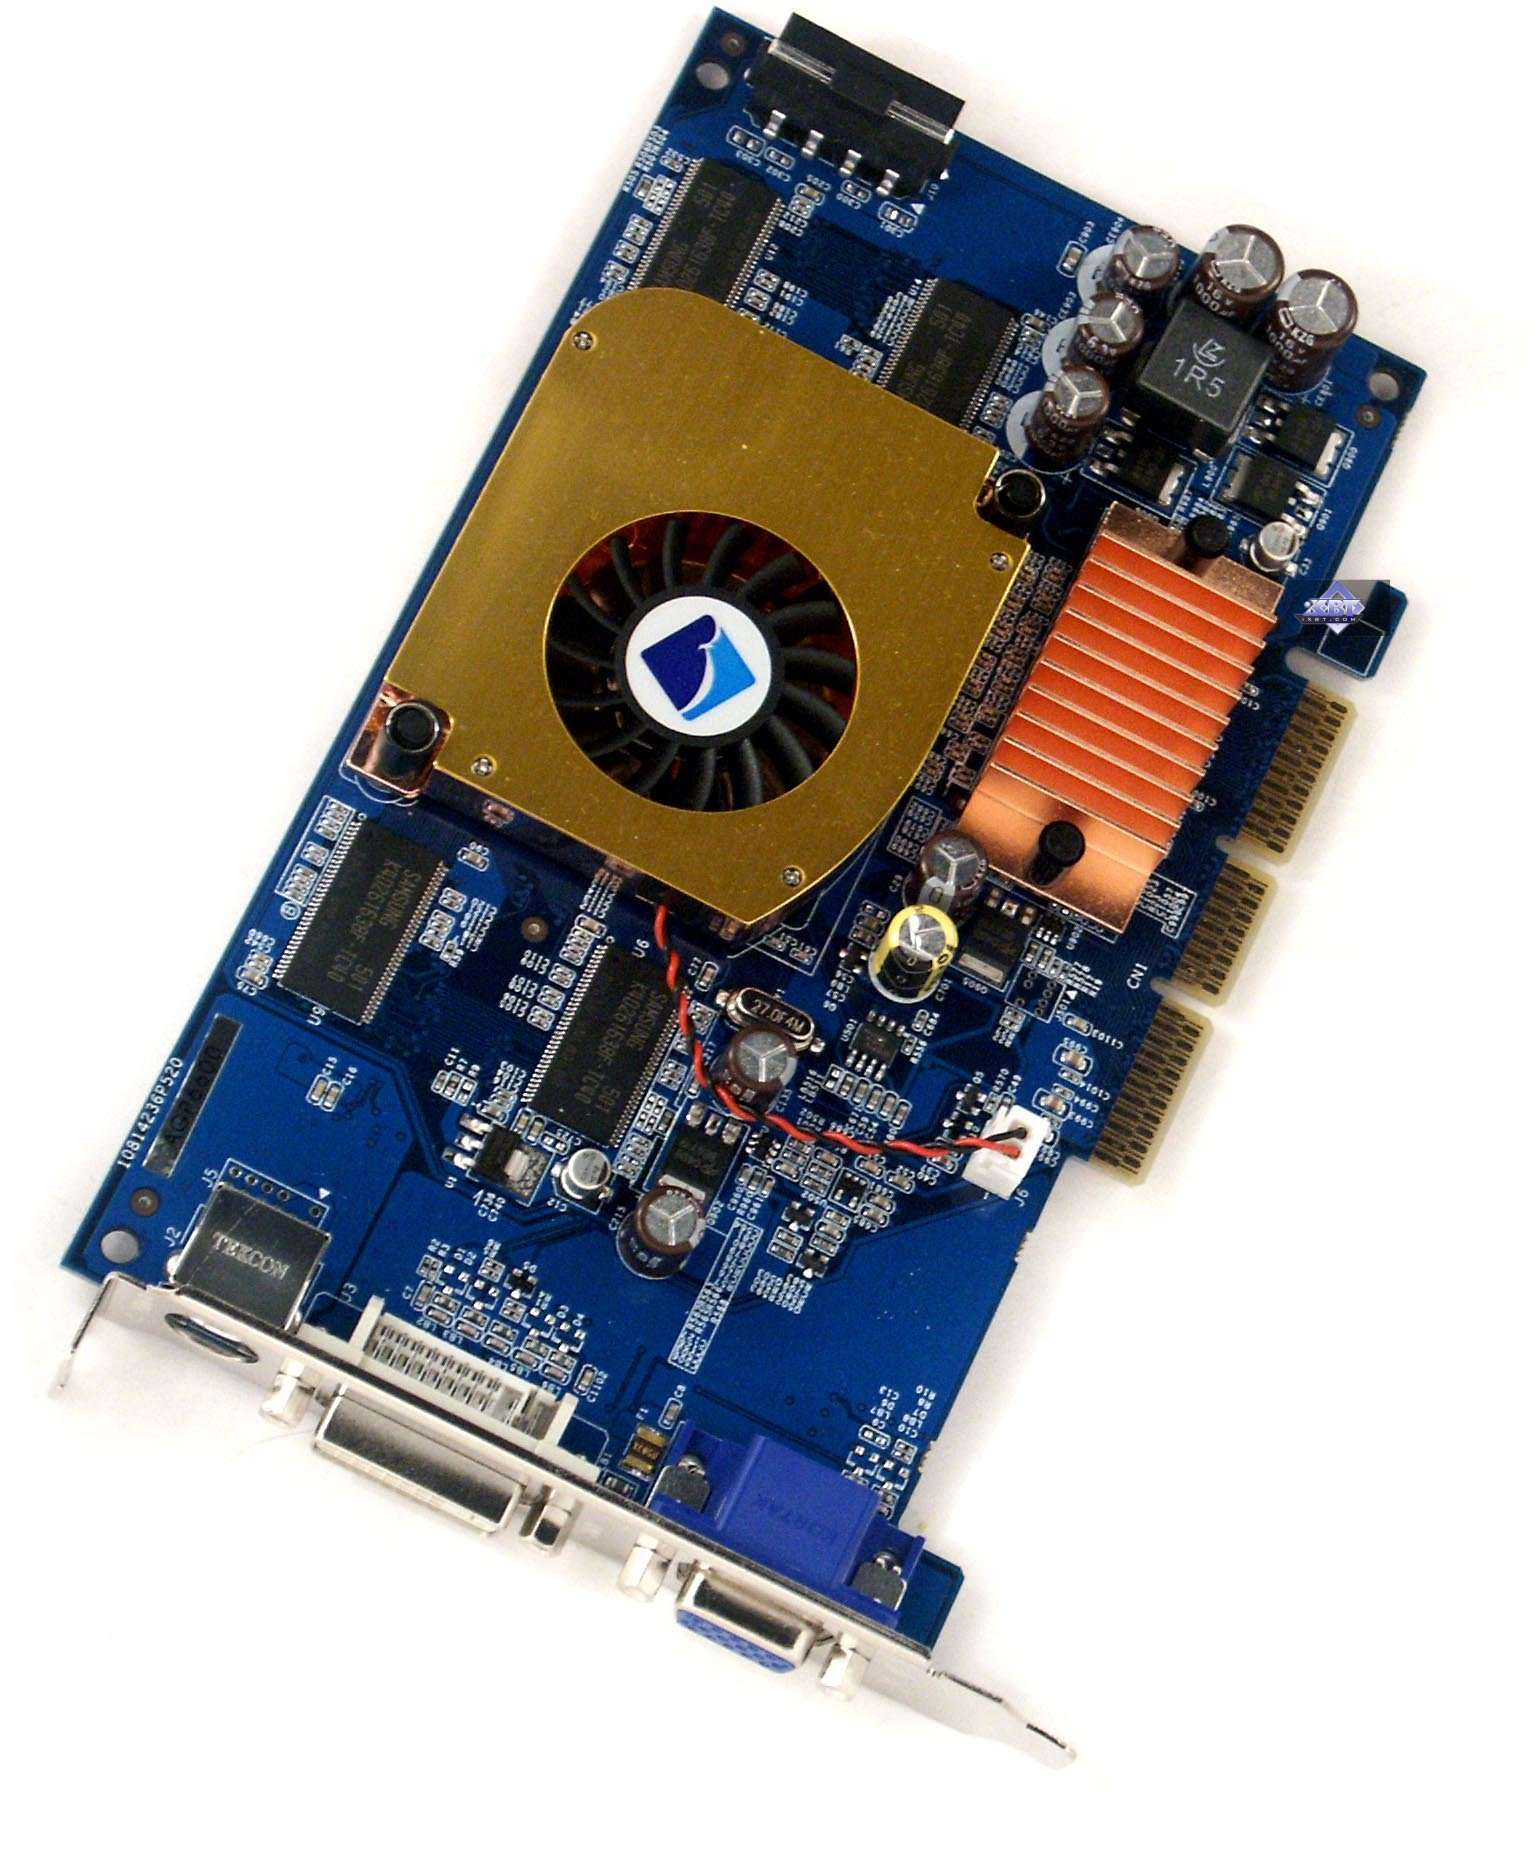 nvidia geforce 6600 драйвер скачать для hp